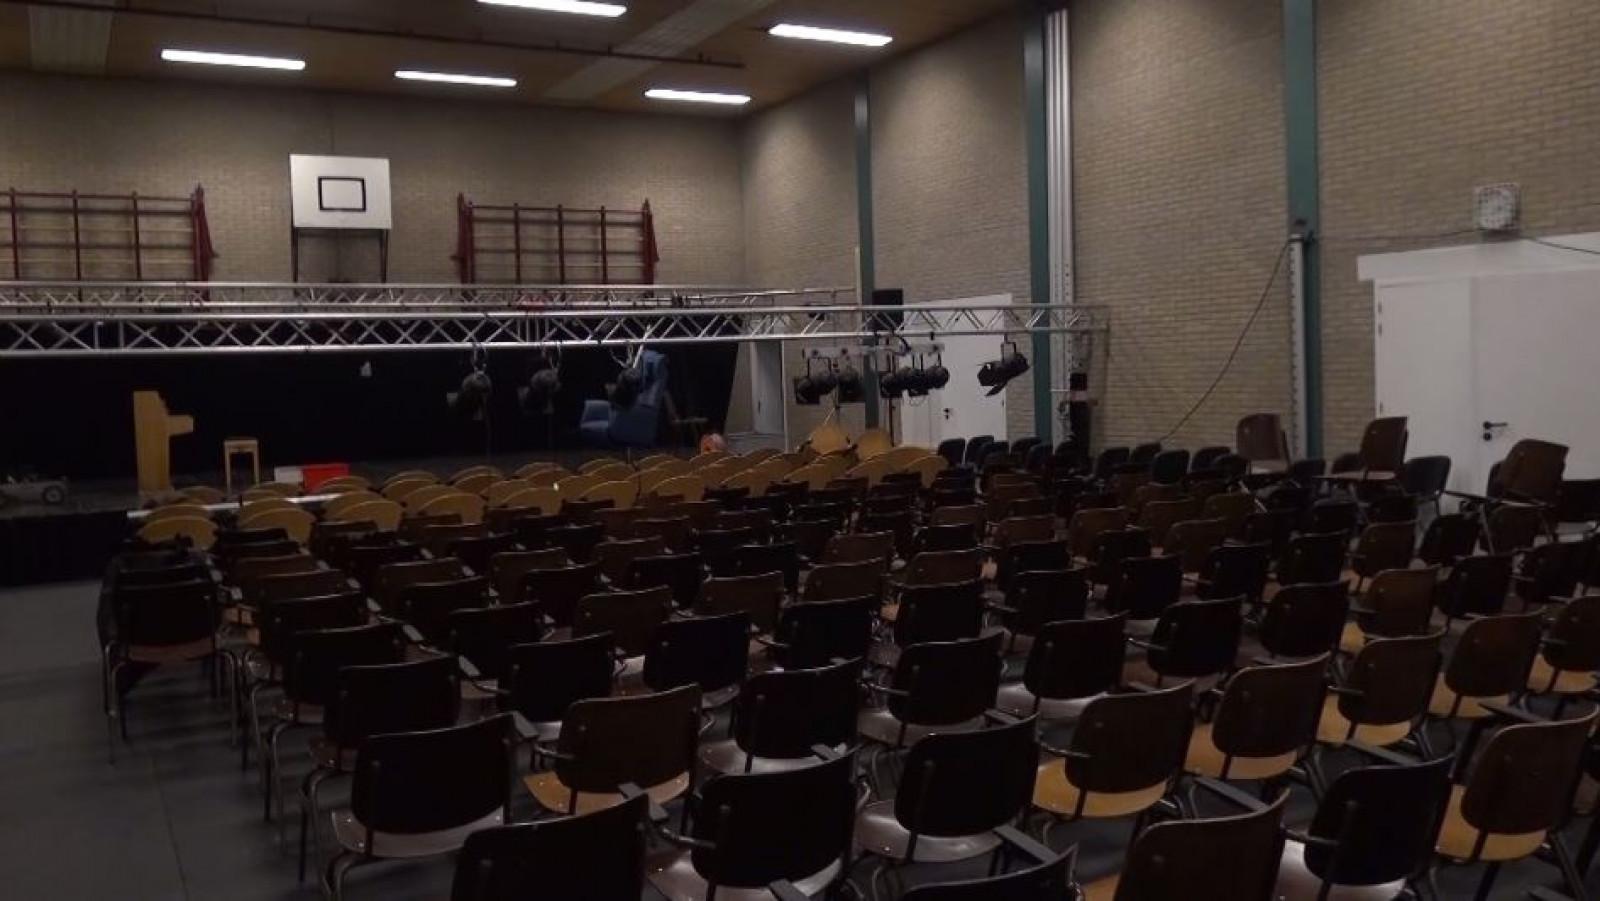 Kleine theaters in 't Gooi